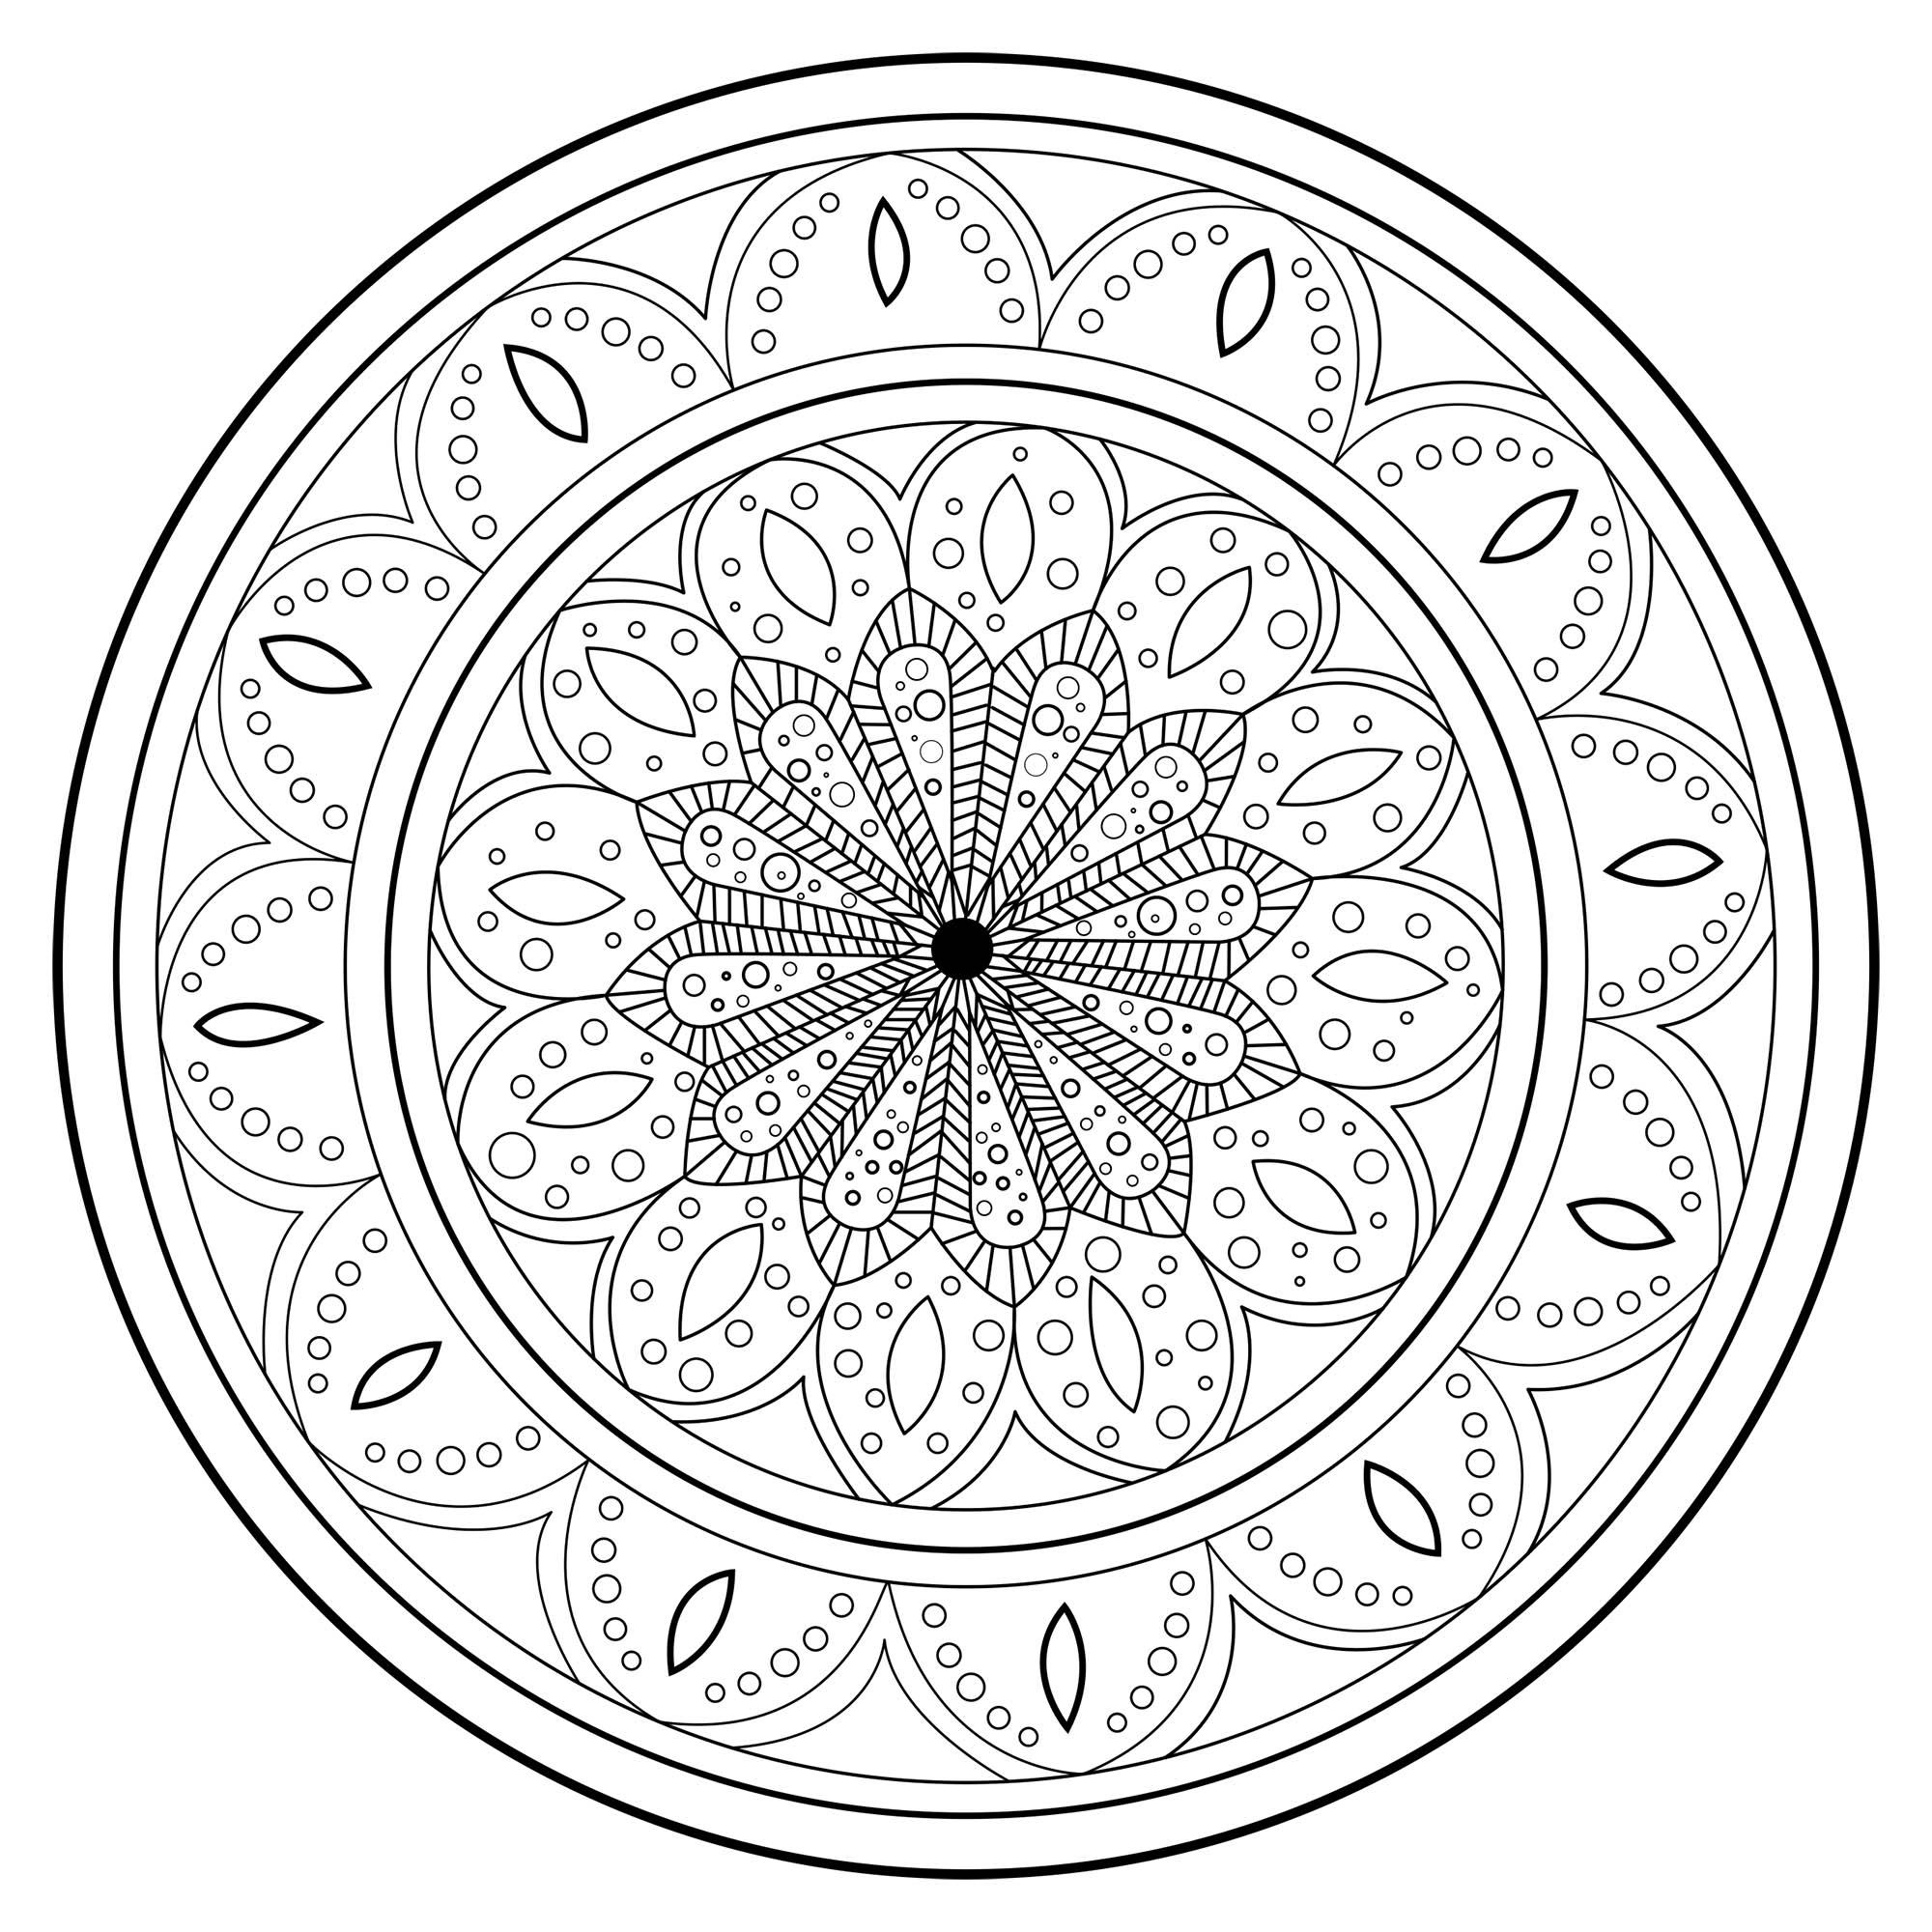 Mandala Anti Stress Relaxant Mandalas Zen Anti Stress 100 Mandalas Zen Anti Stress